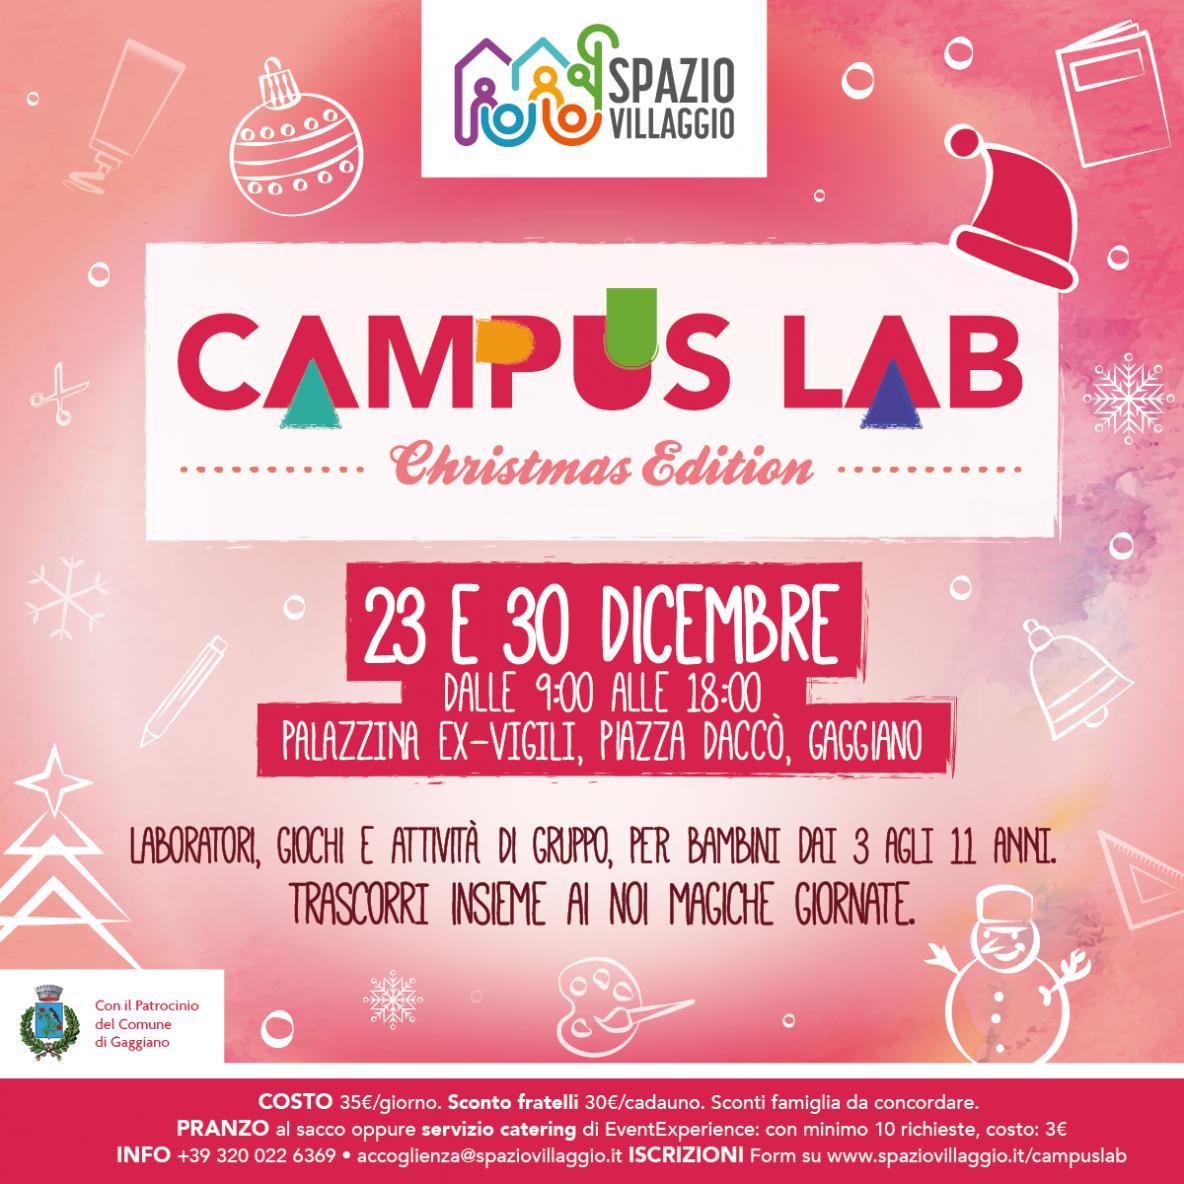 Campus Spazio Villaggio dicembre 2019